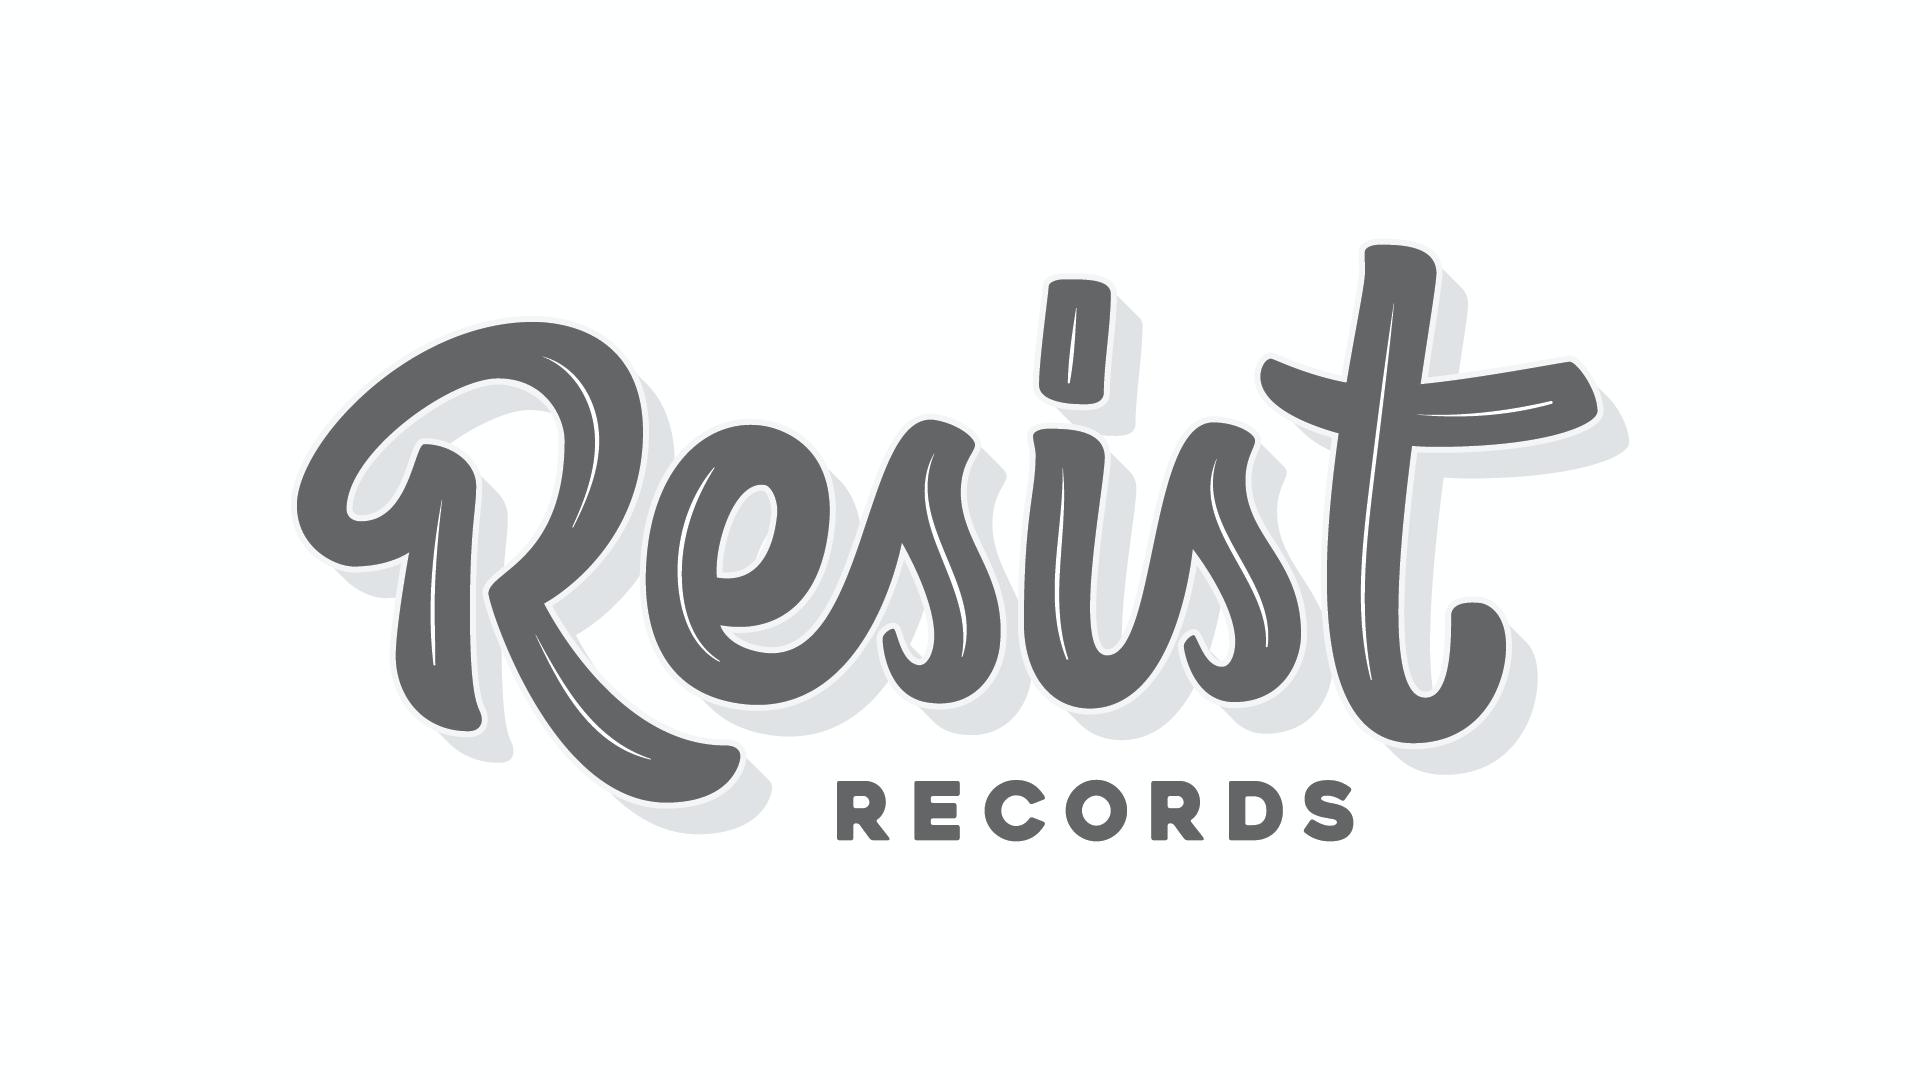 resist_1_logo.png